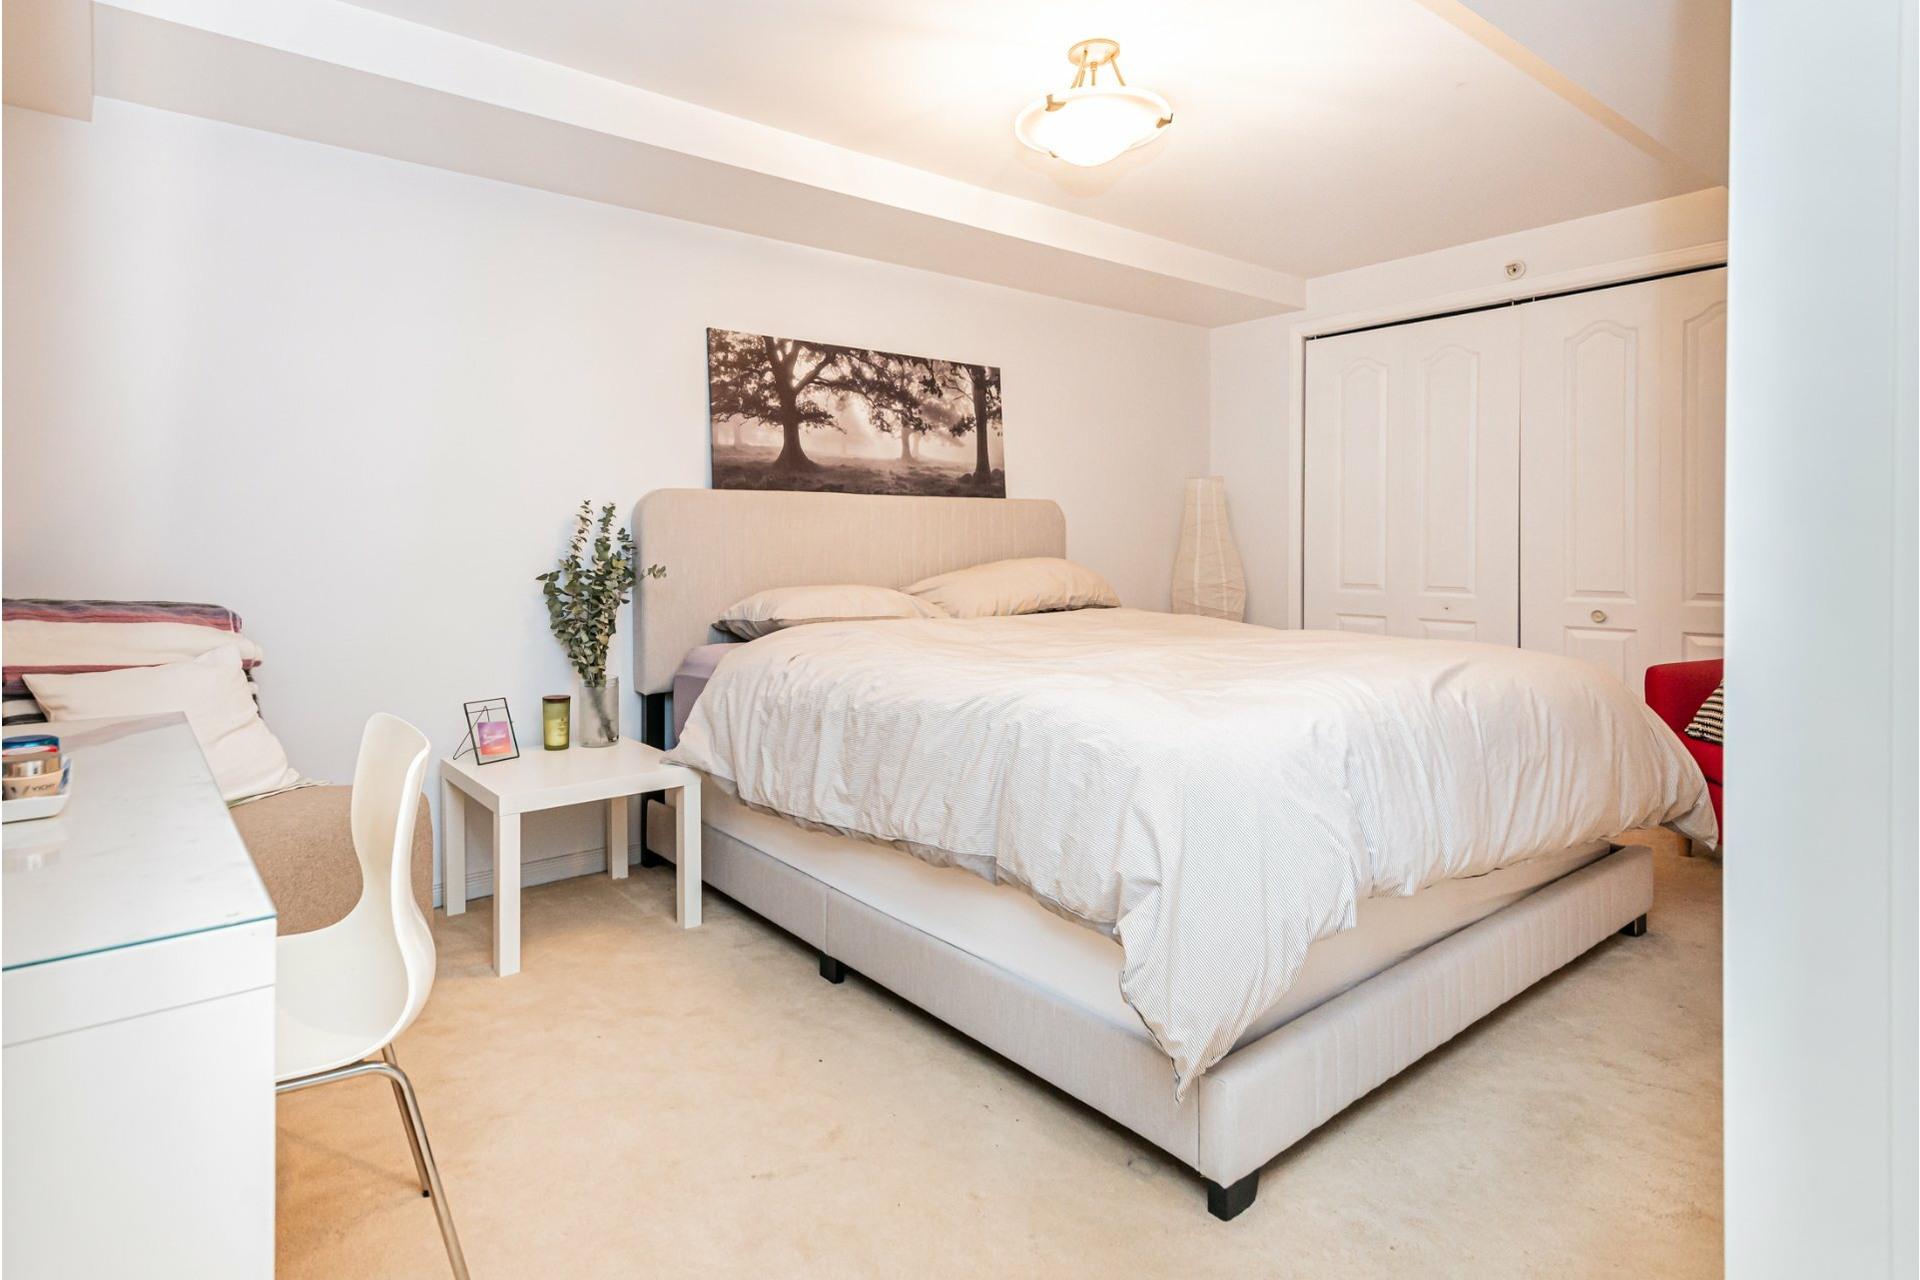 image 9 - Appartement À vendre Lachine Montréal  - 5 pièces